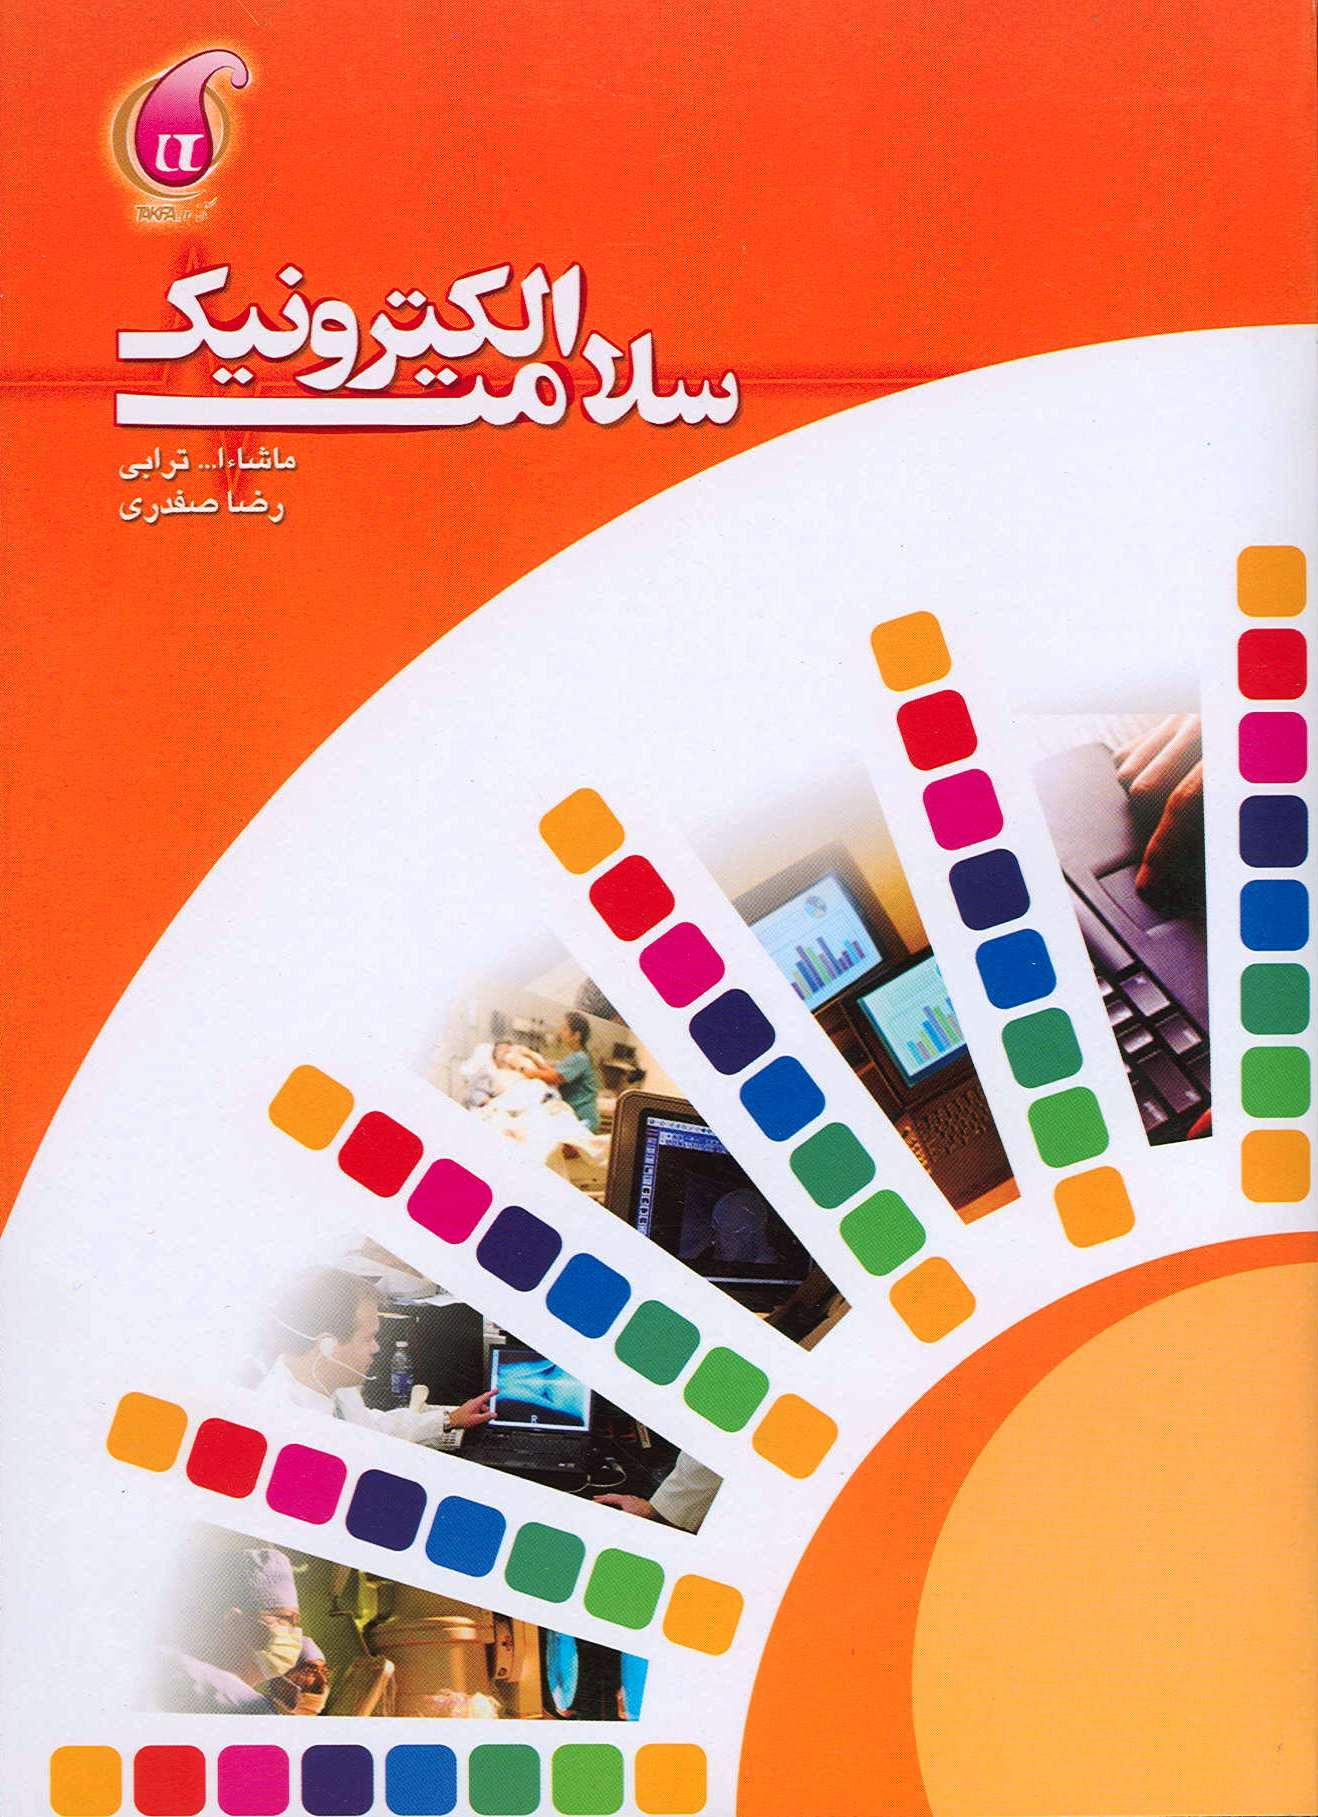 کتاب سلامت الکترونیک به زبان فارسی